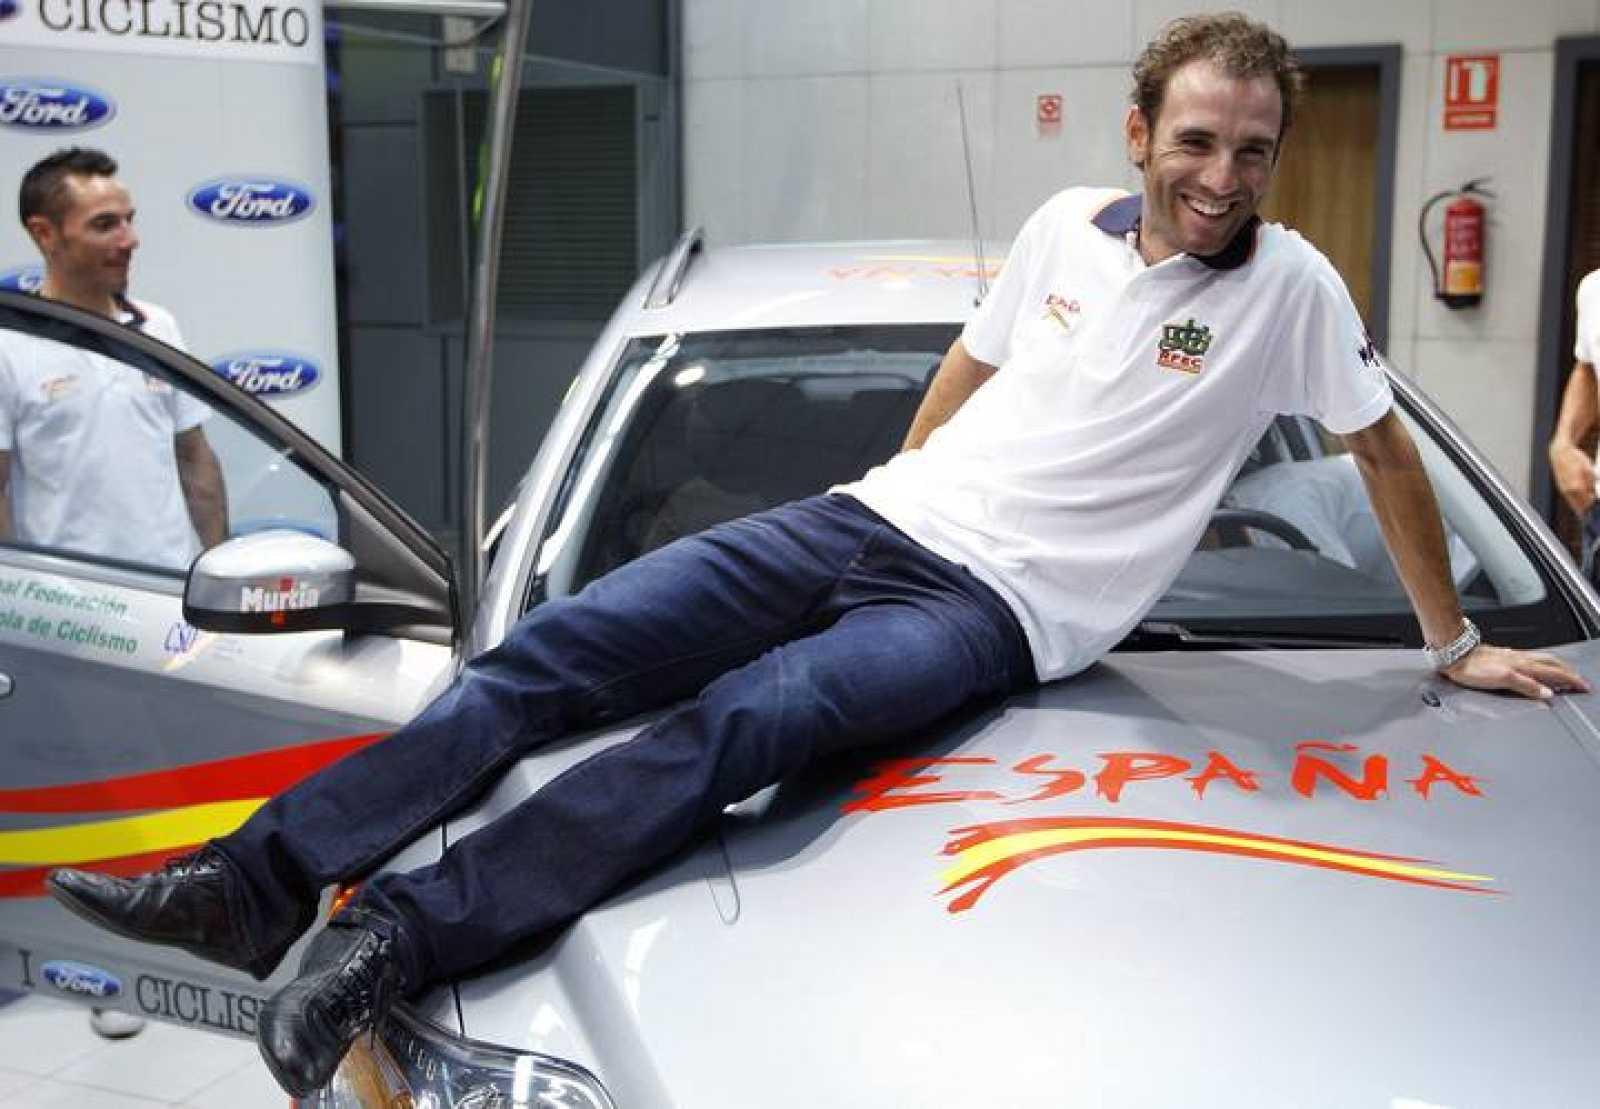 El ciclista murciano Alejandro Valverde posa durante un acto promocional.